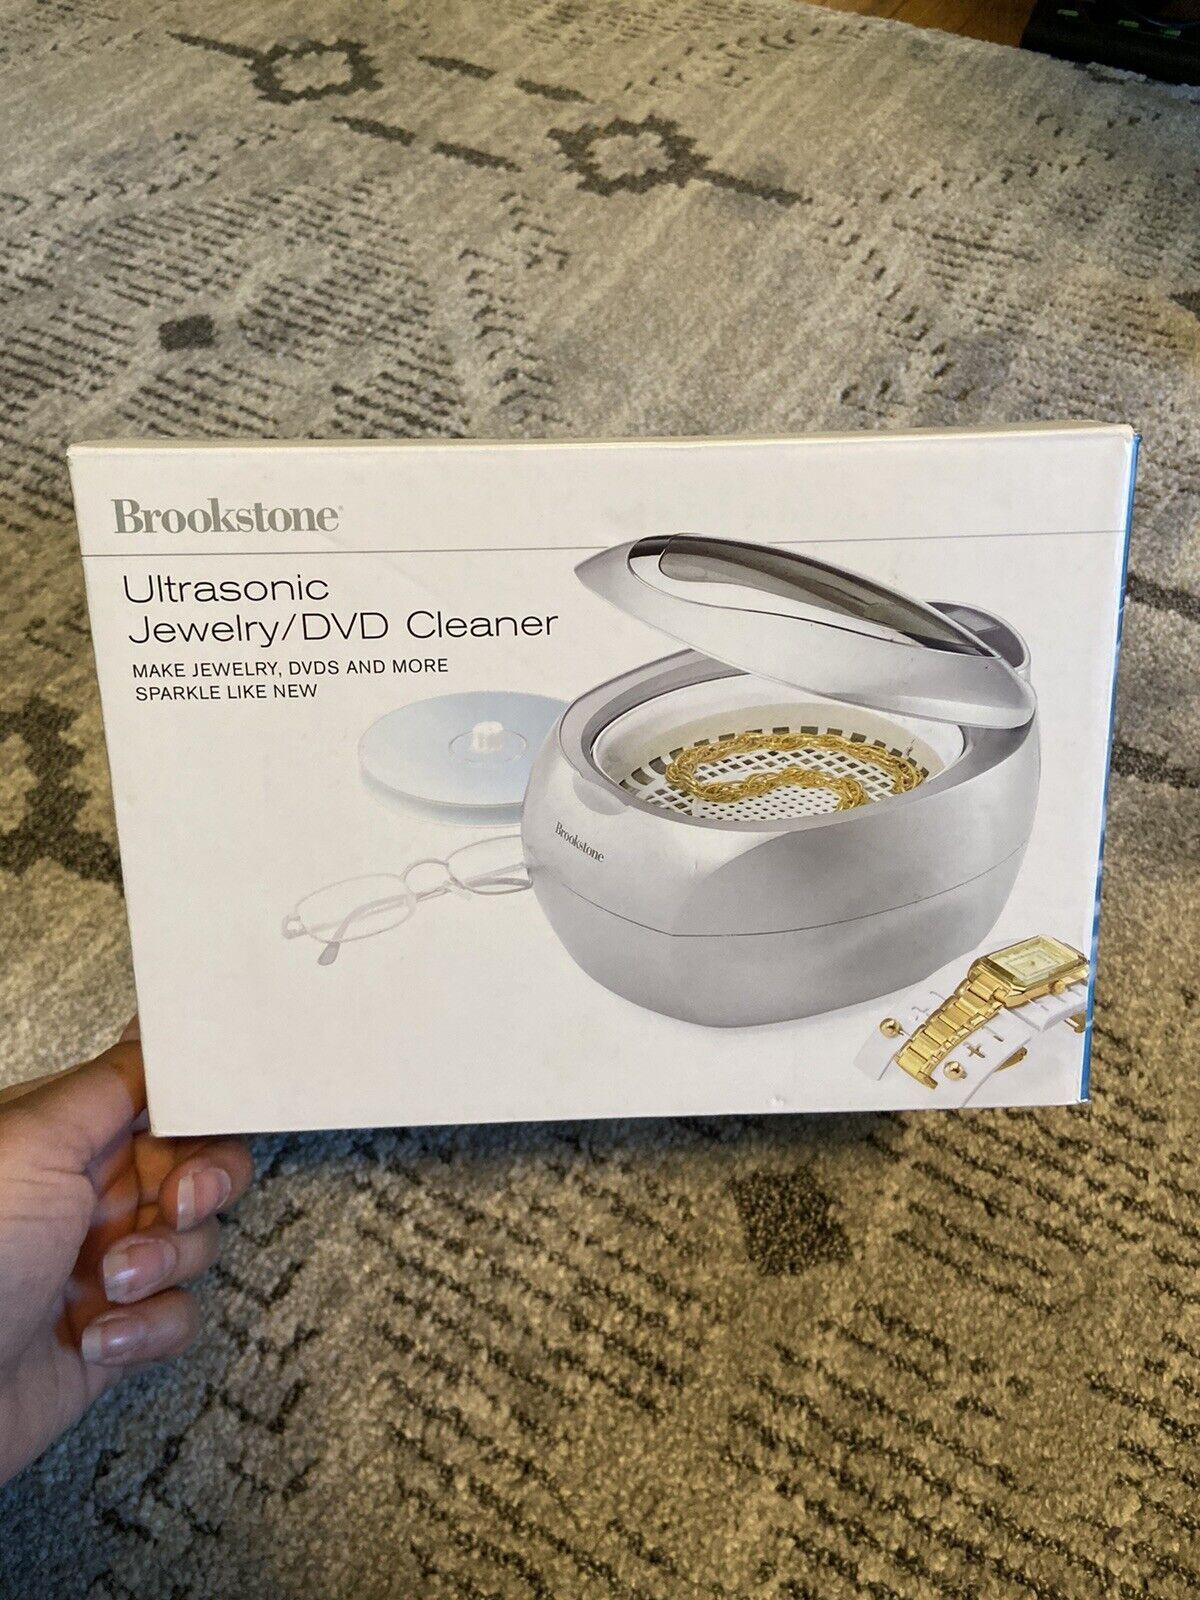 Brookstone Jewelry Cleaners : brookstone, jewelry, cleaners, Brookstone, Ultrasonic, Jewelry, Cleaner, 606376, Online